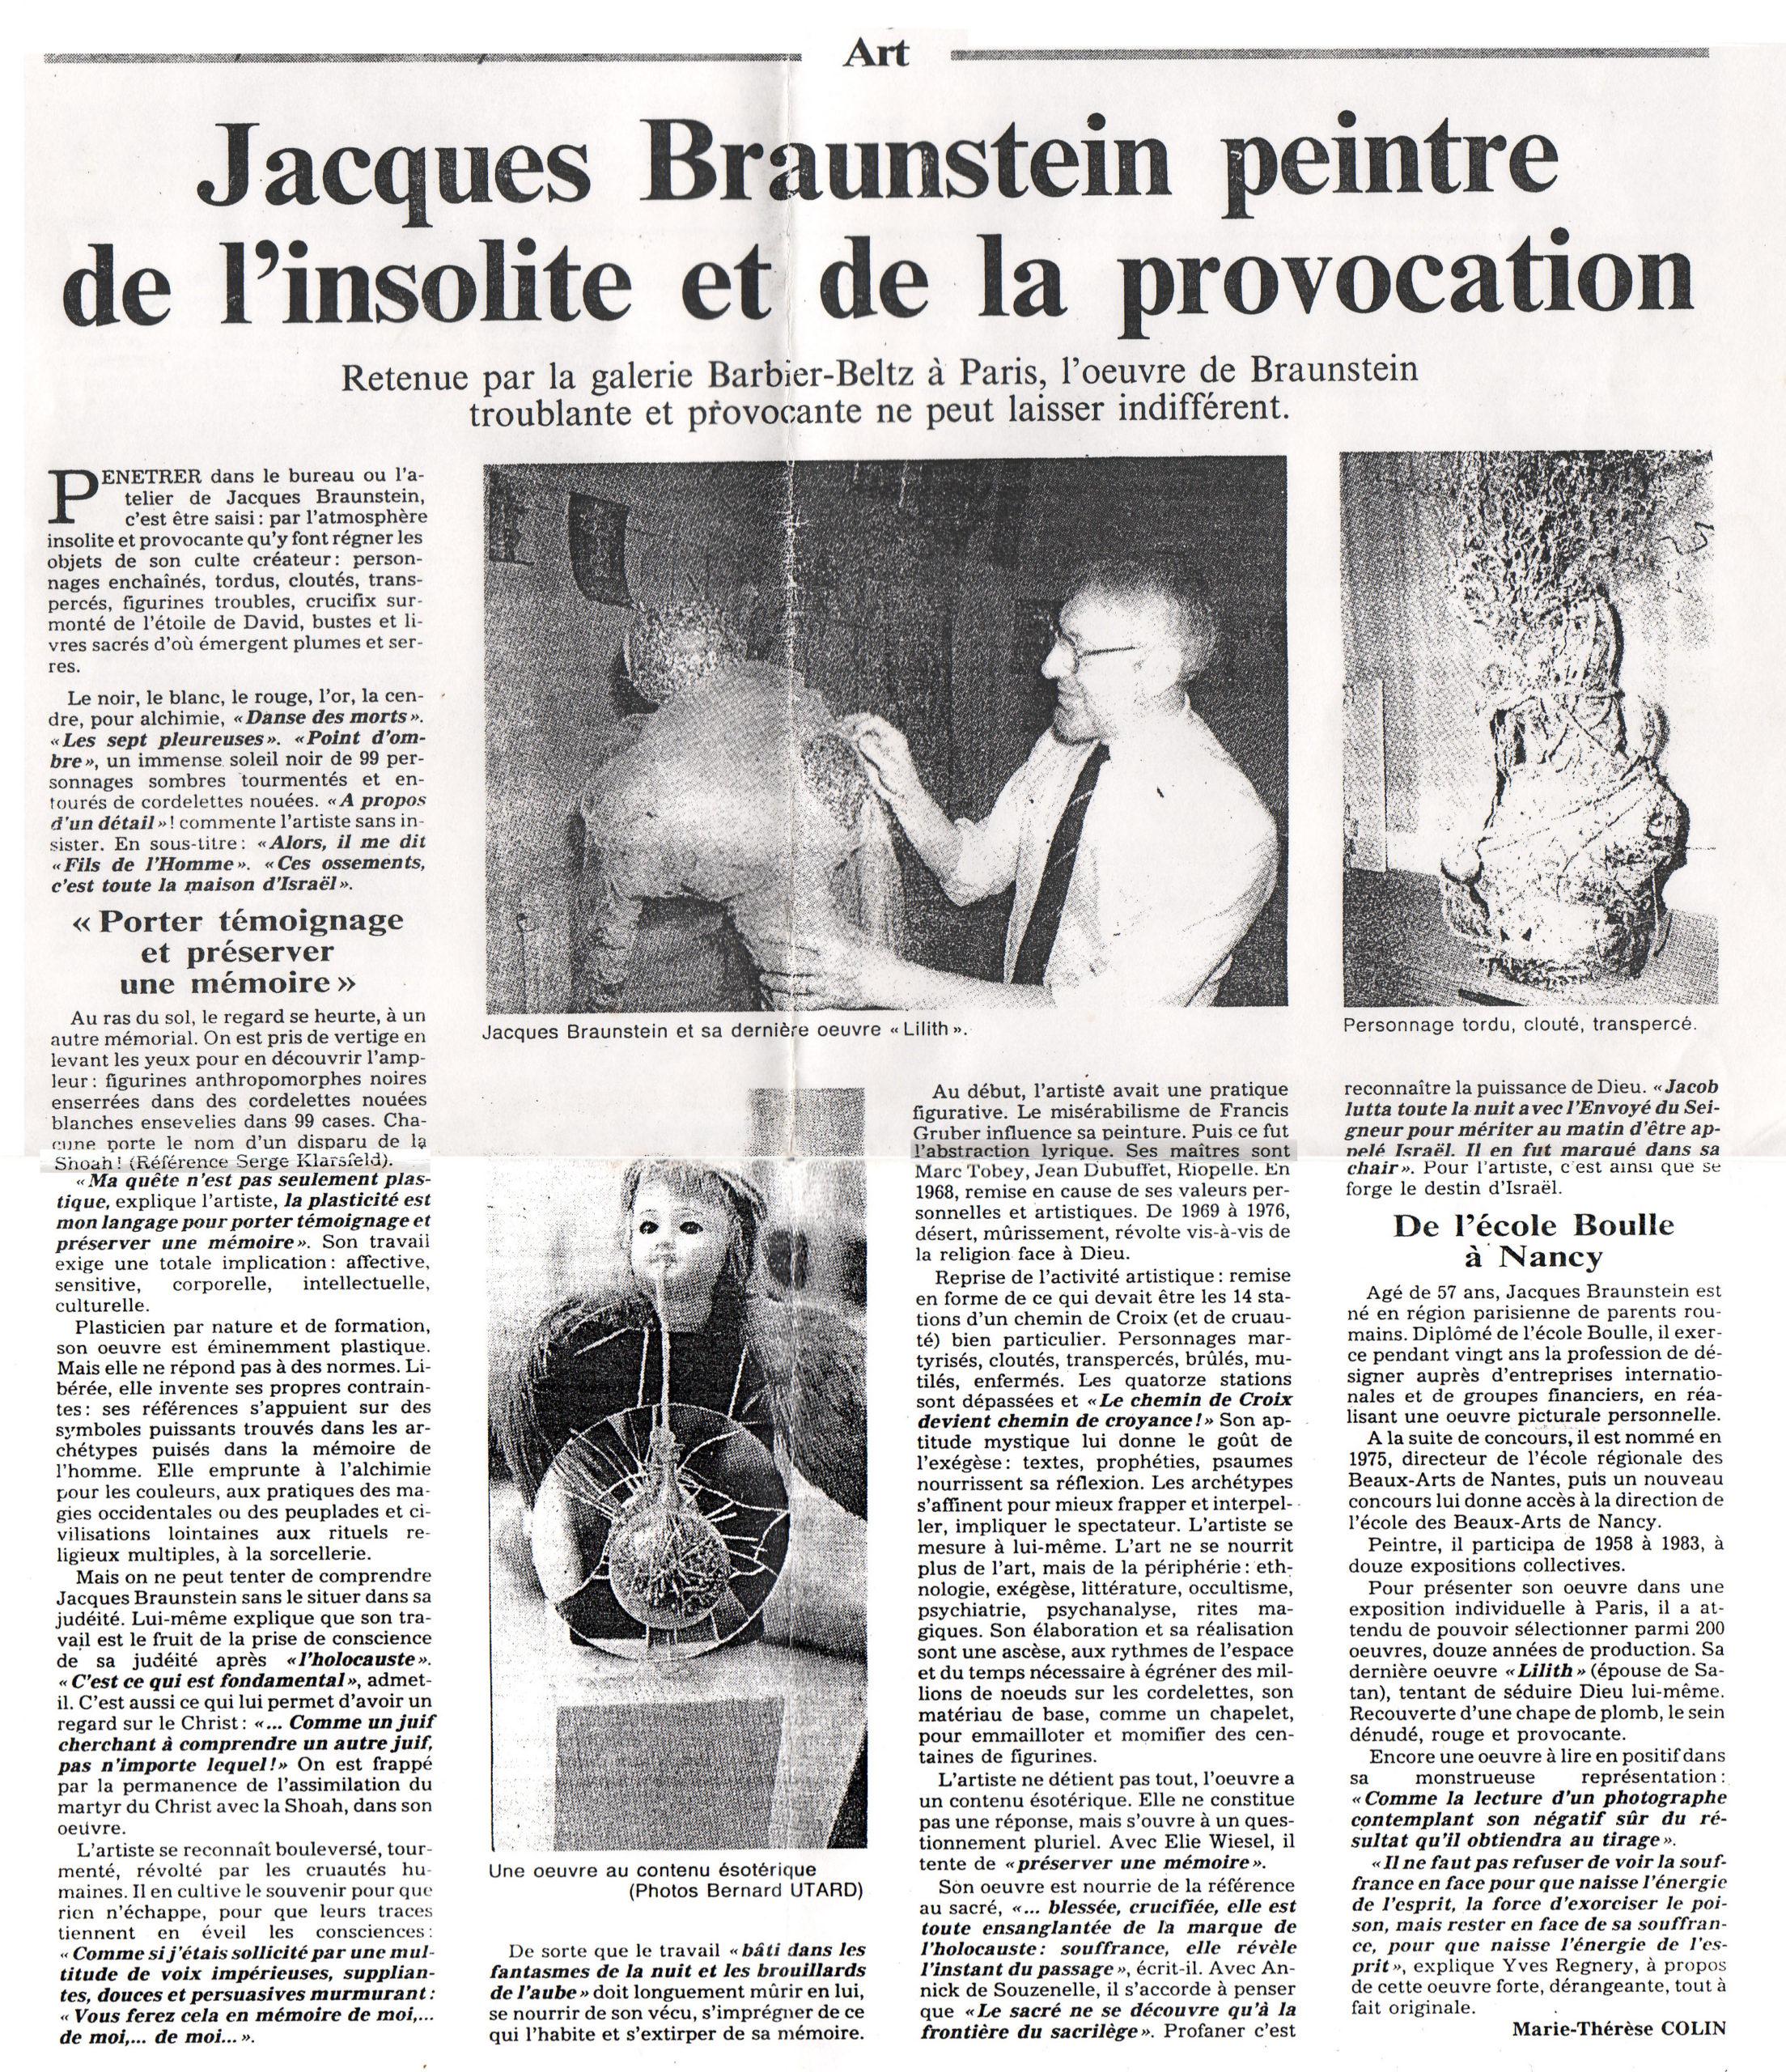 Revue de Presse - Marie-Thérèse Colin - Janvier 1989 - L'Est Républicain